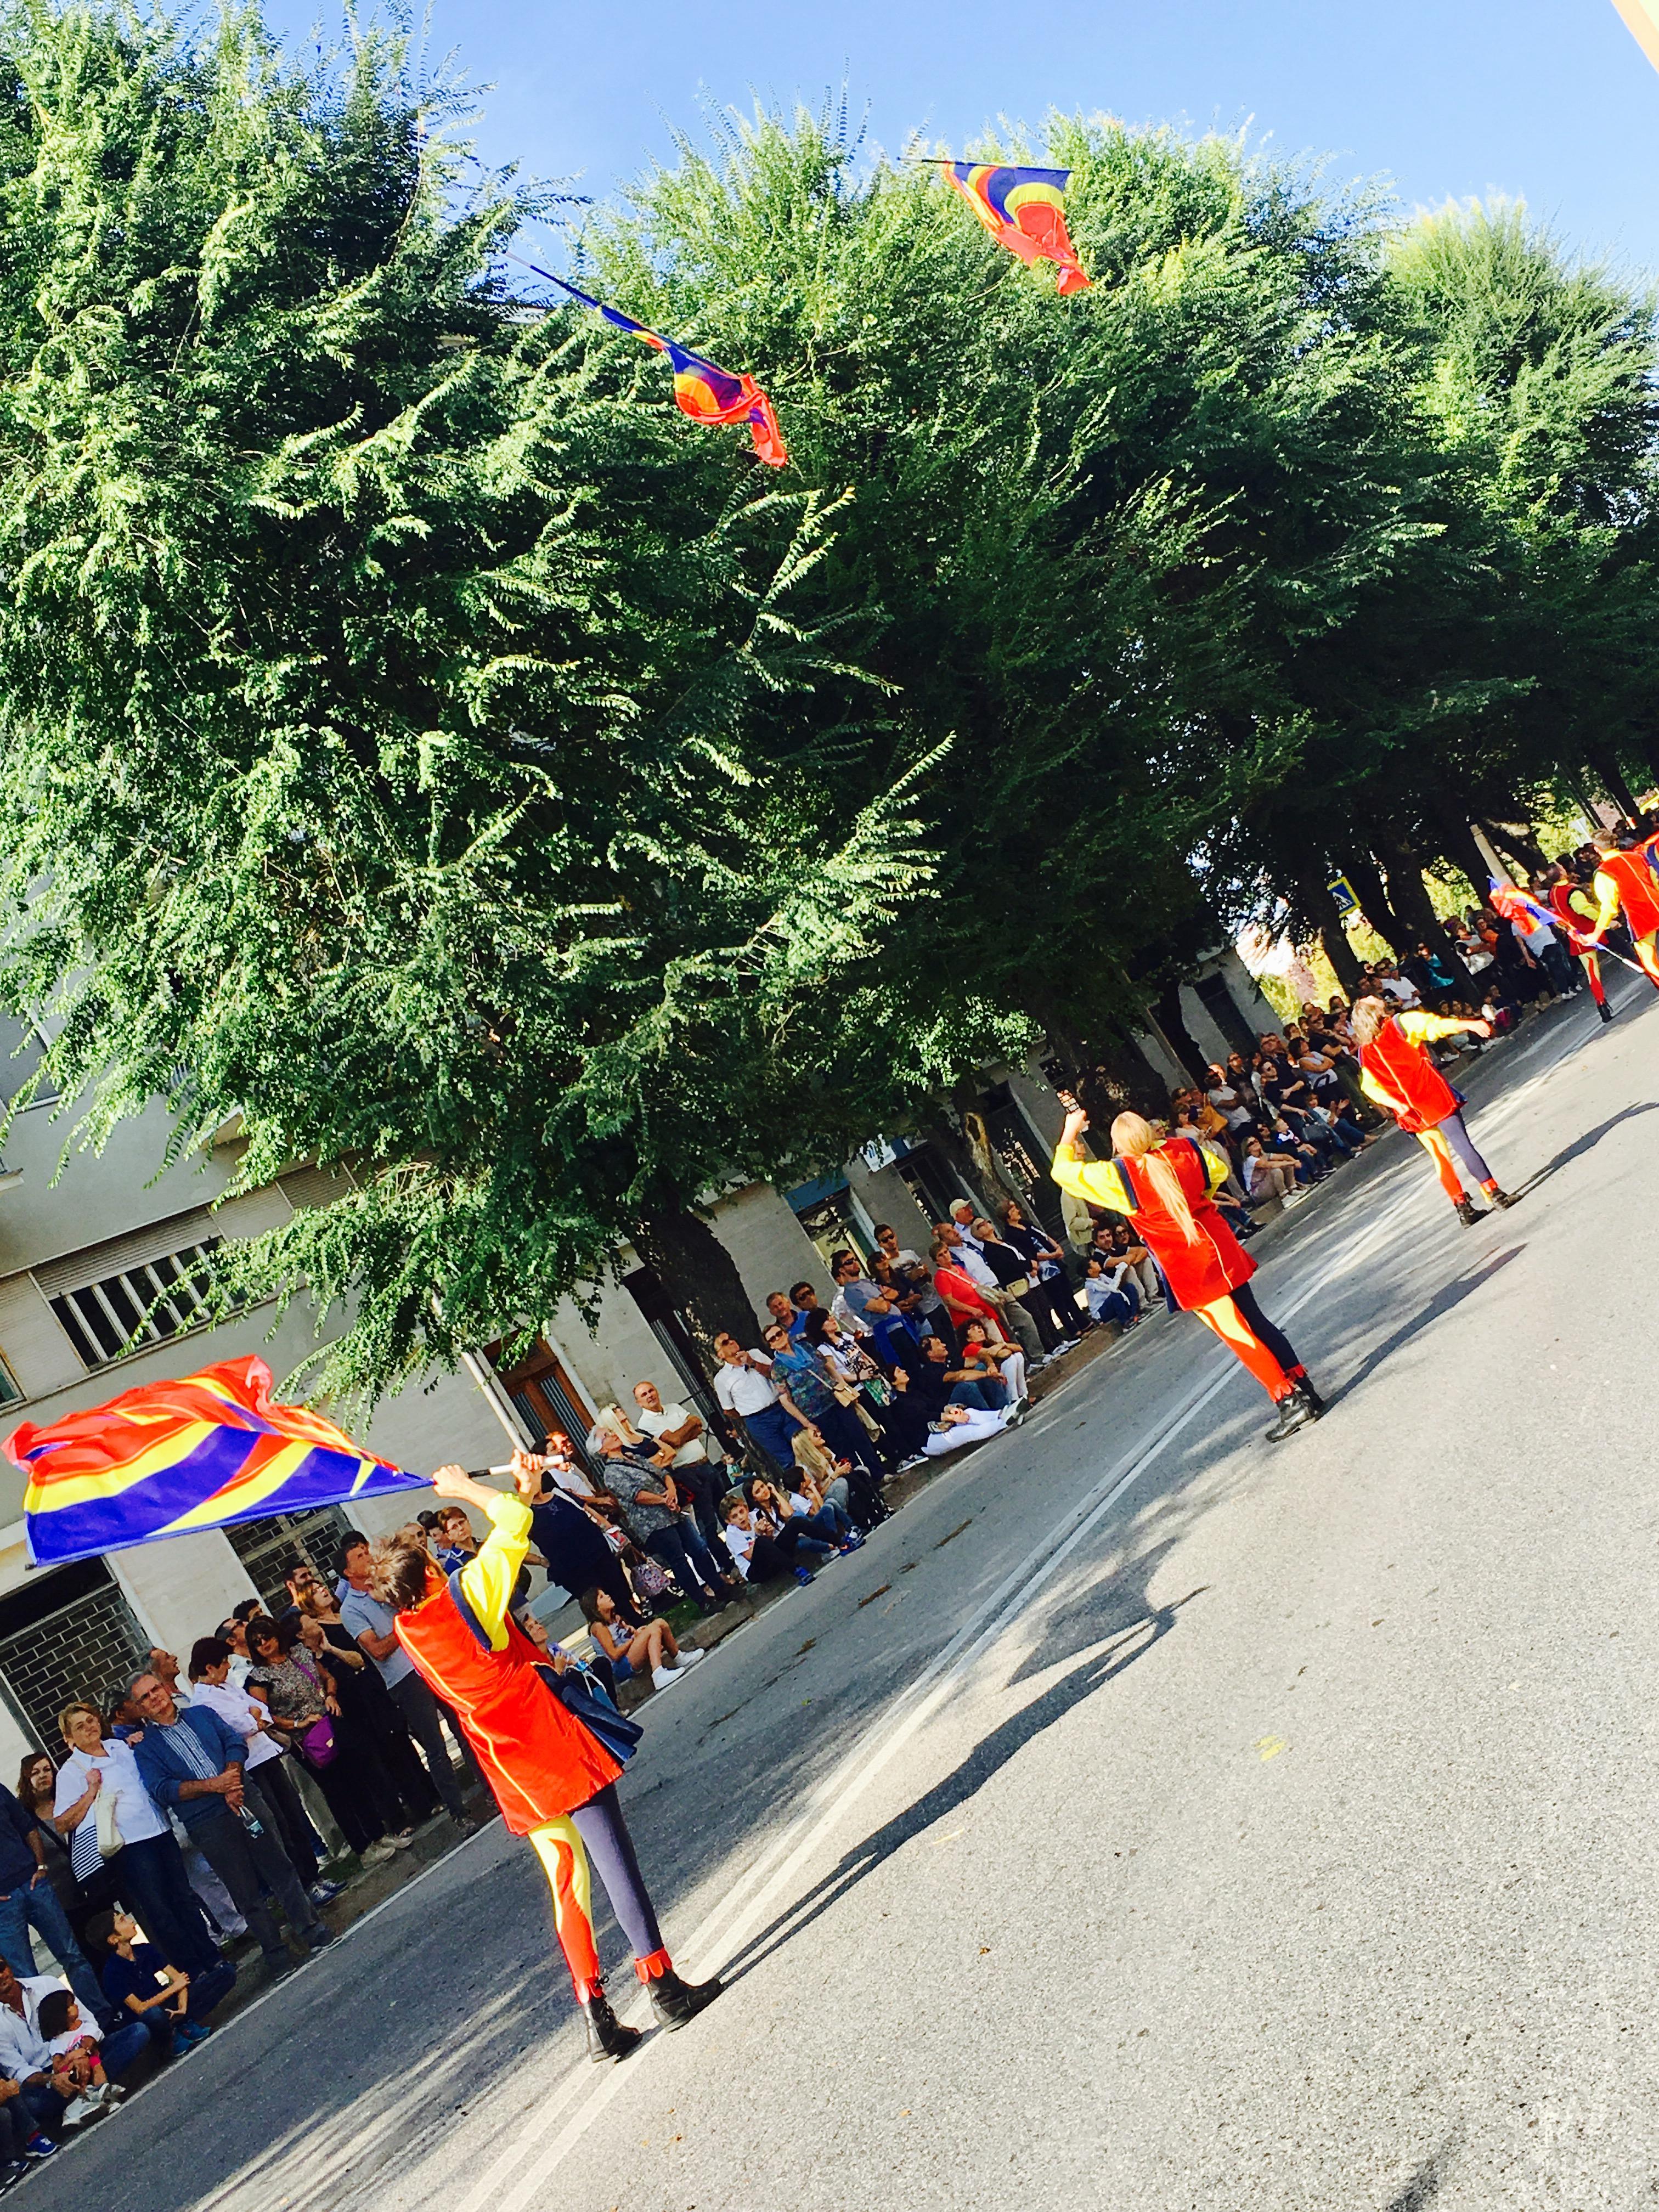 parade-in-alba-italy